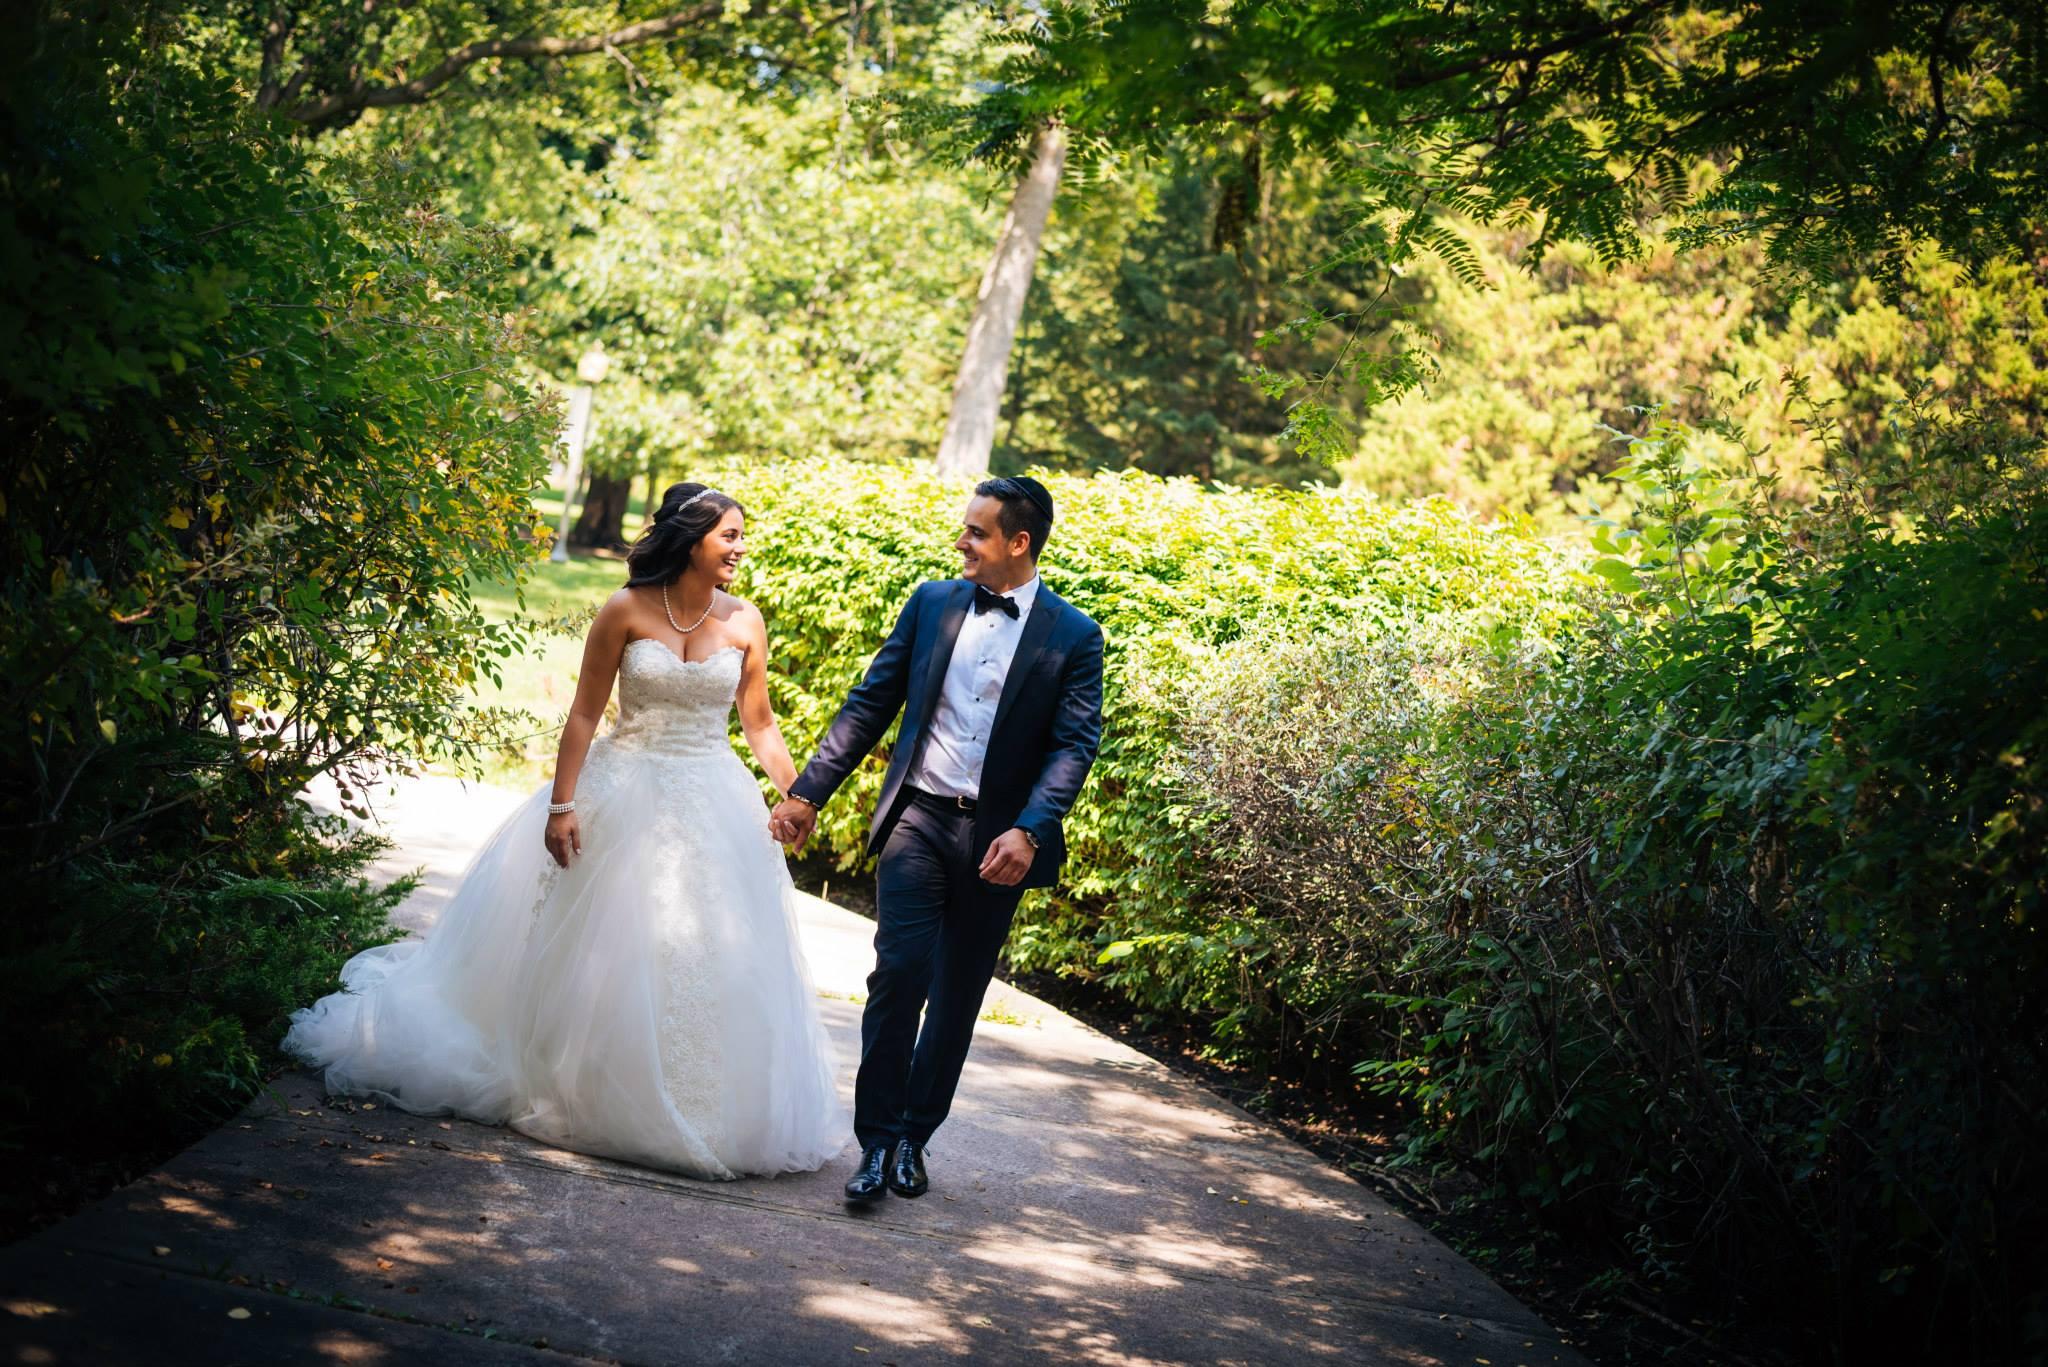 Weddings_Vesia5.jpg